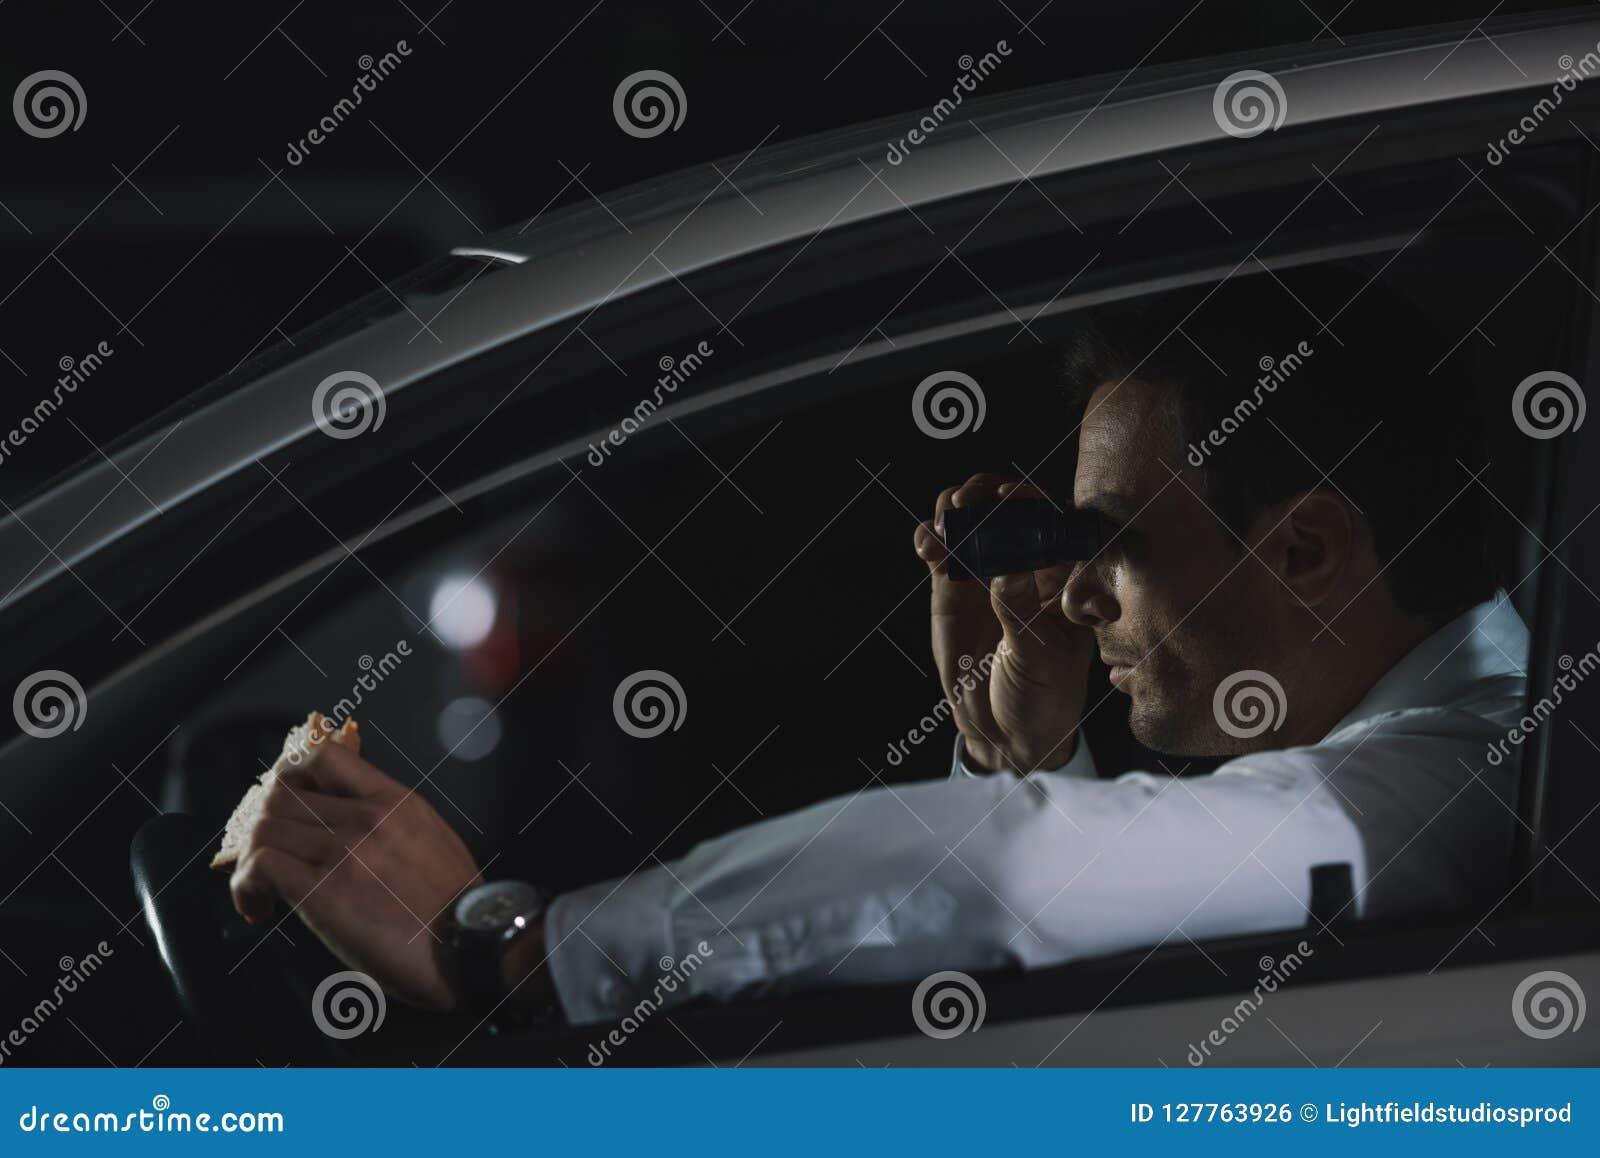 做监视由双筒望远镜和吃三明治的暗中进行的男性代理侧视图